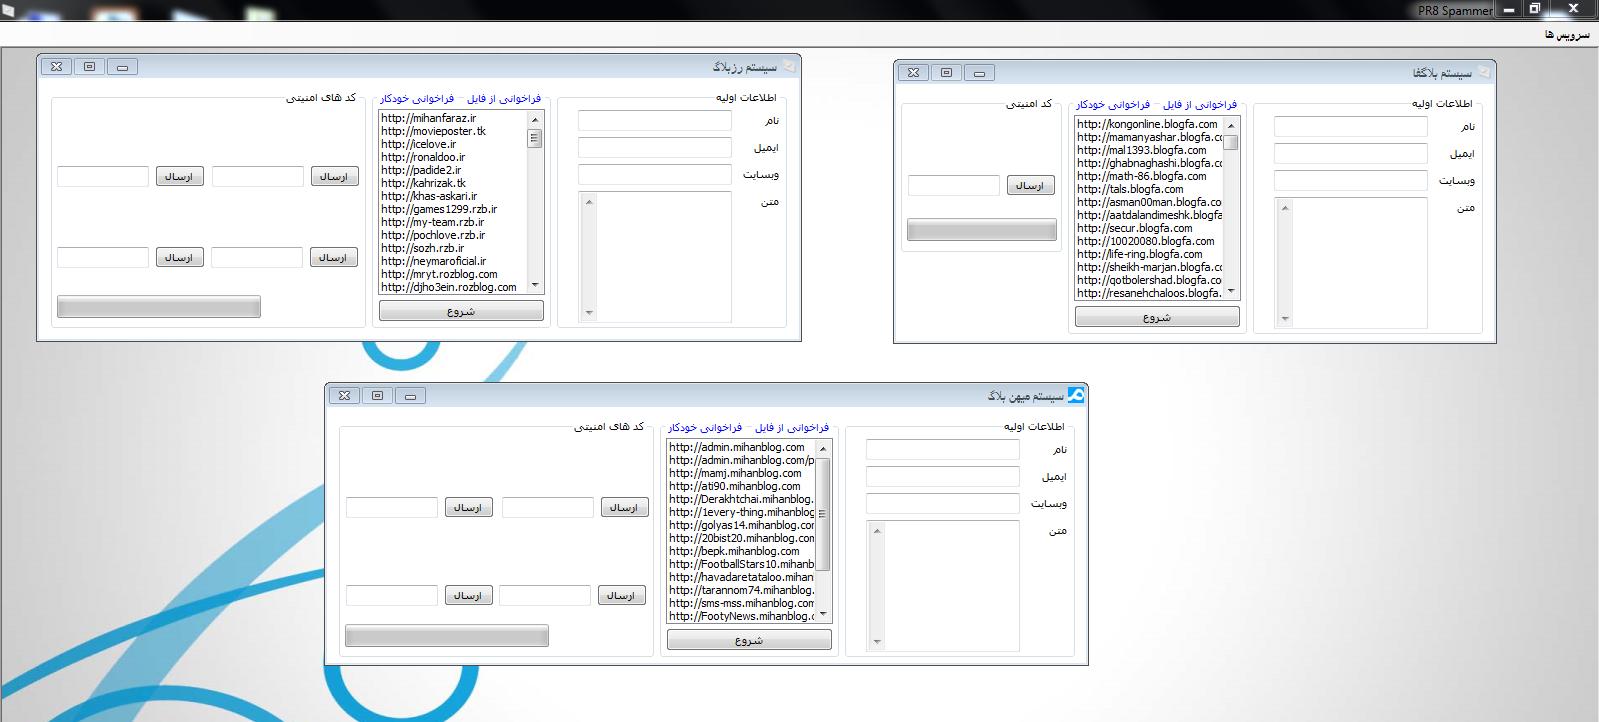 دانلود برنامه ارسال نظر برای وبلاگ  Download the program Leave Comments for weblog